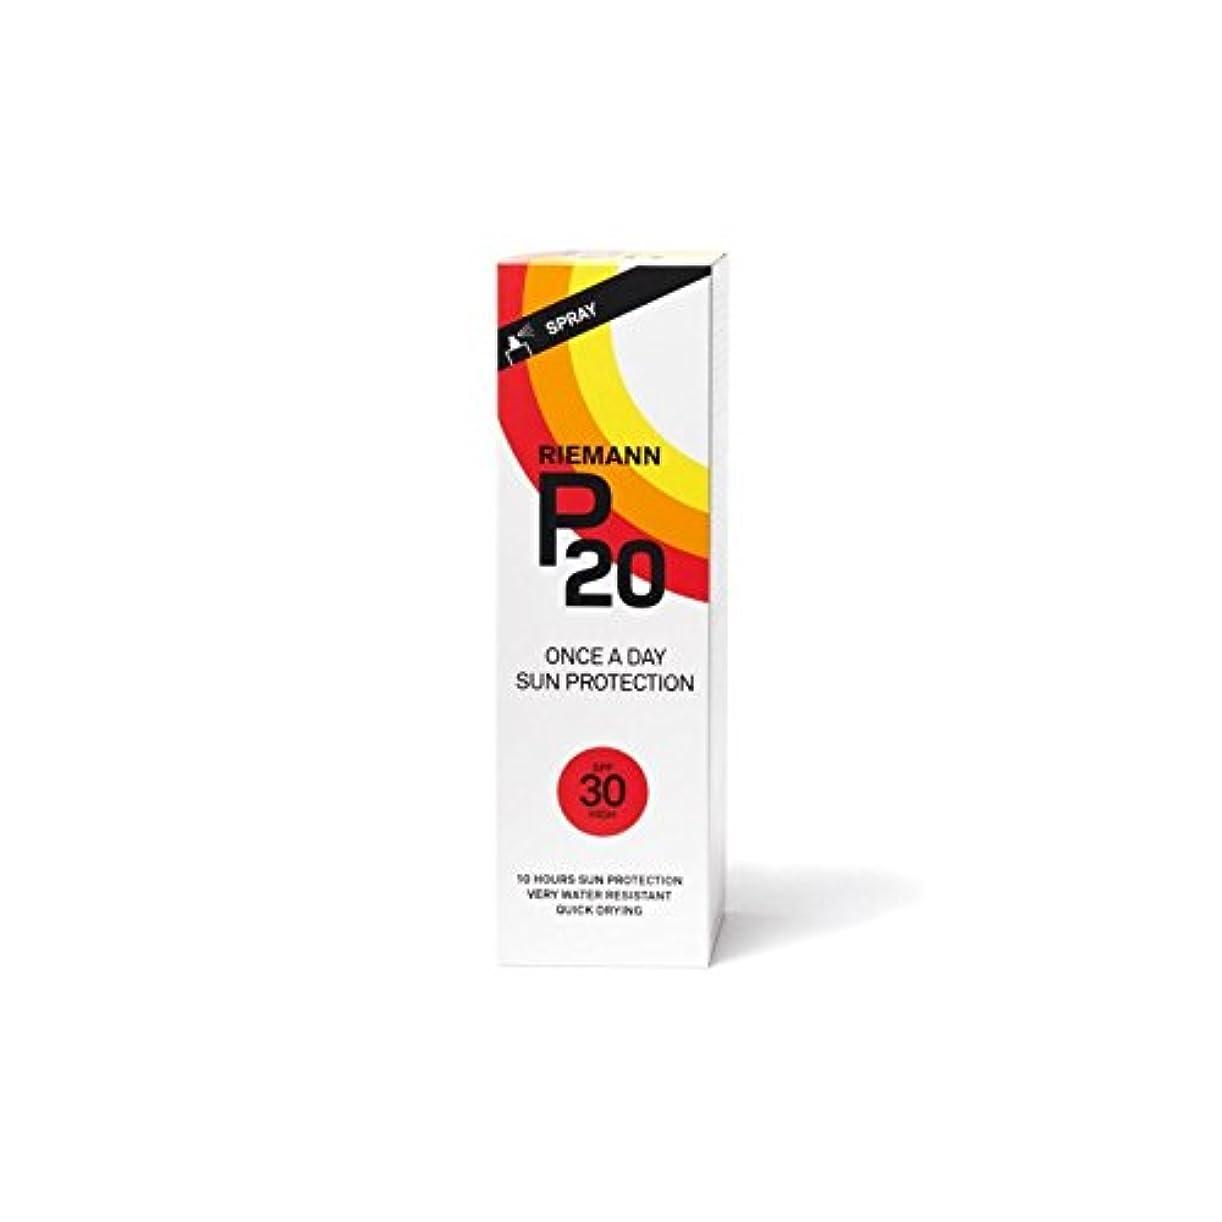 脅威マニアック怒りRiemann P20 Sun Filter 100ml SPF30 - リーマン20のサンフィルター100ミリリットル30 [並行輸入品]